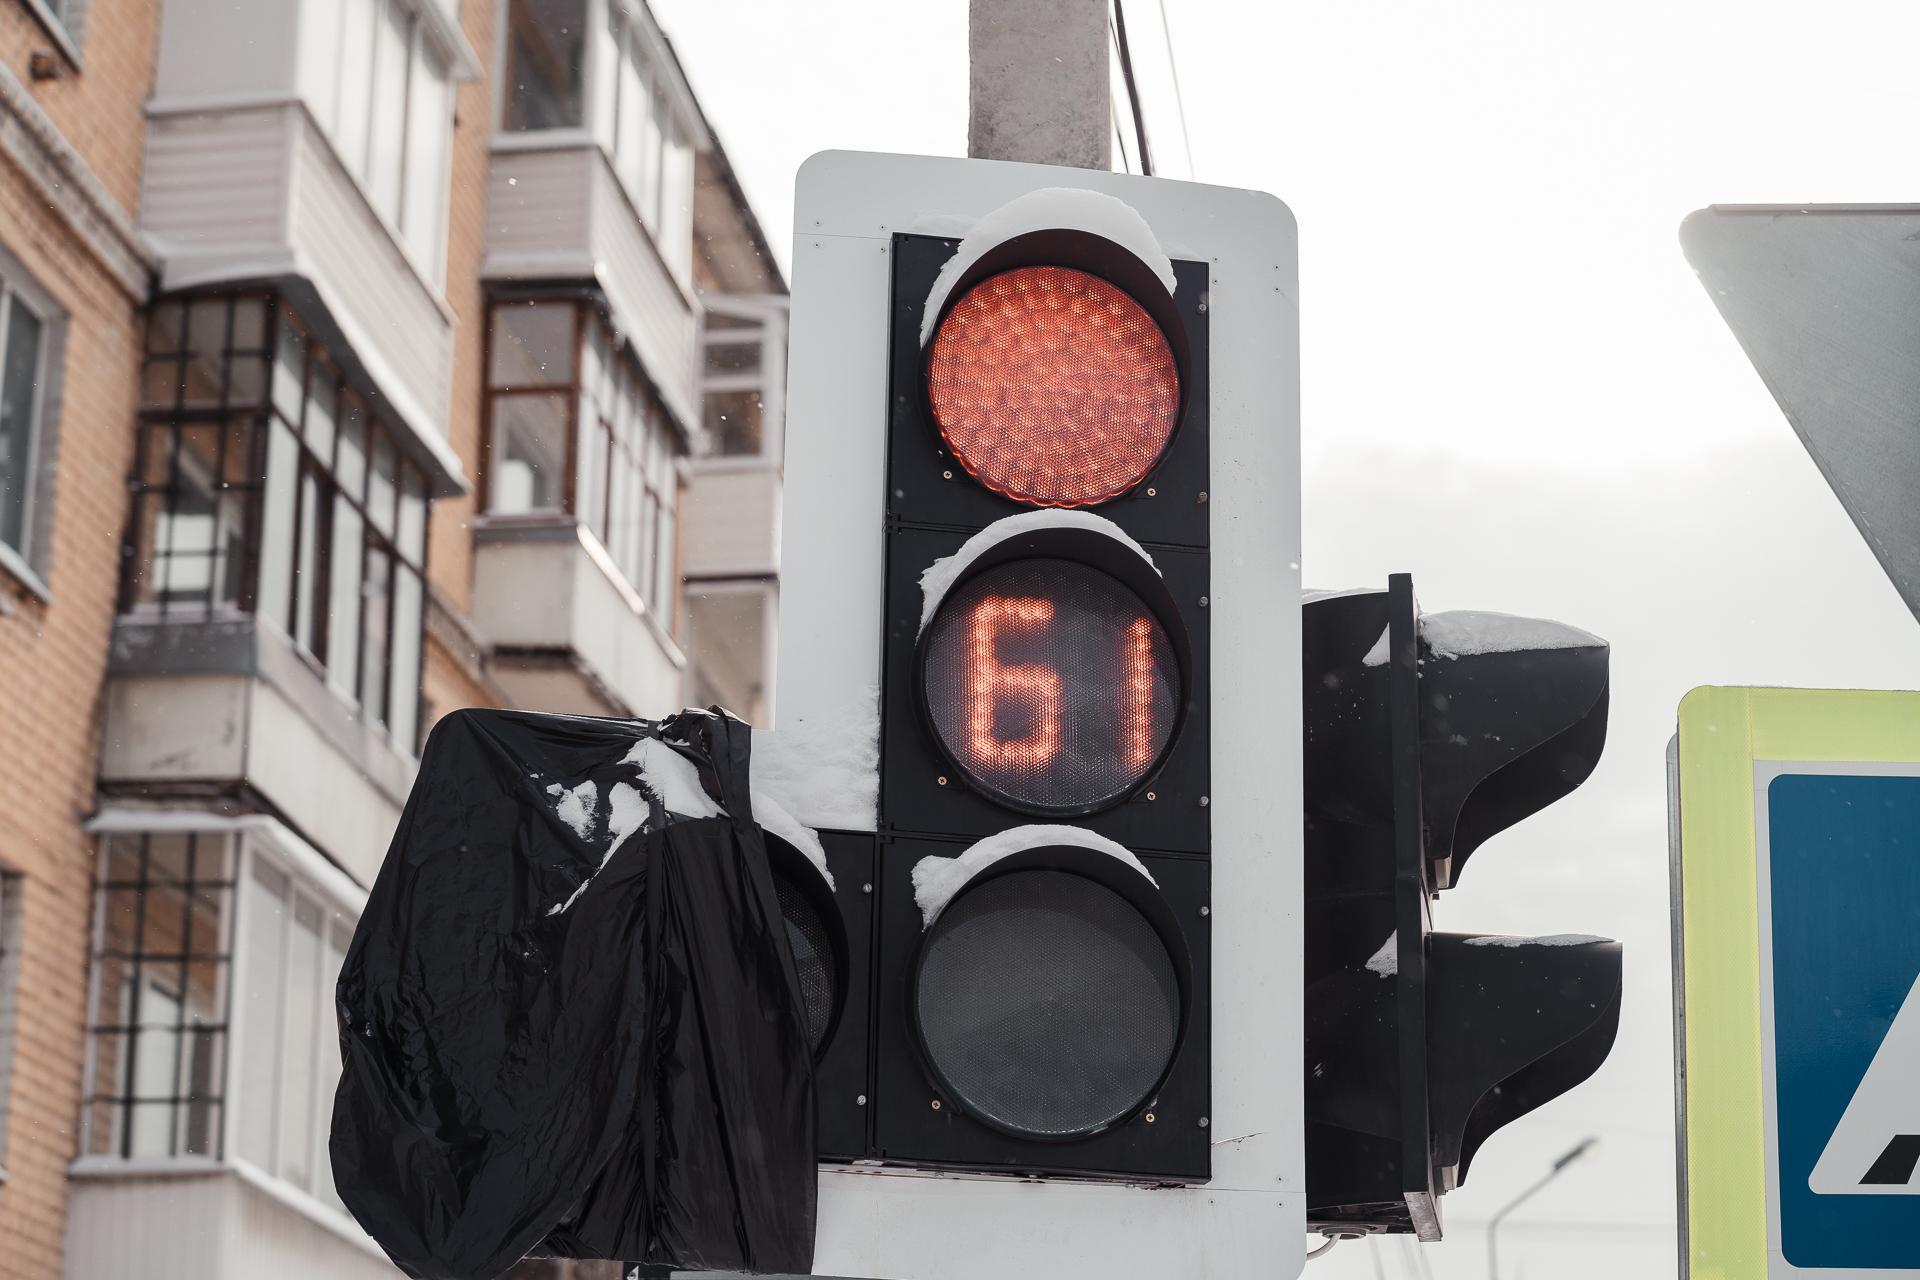 Светофоры начали работать в новом режиме ещё на одном перекрёстке в Твери